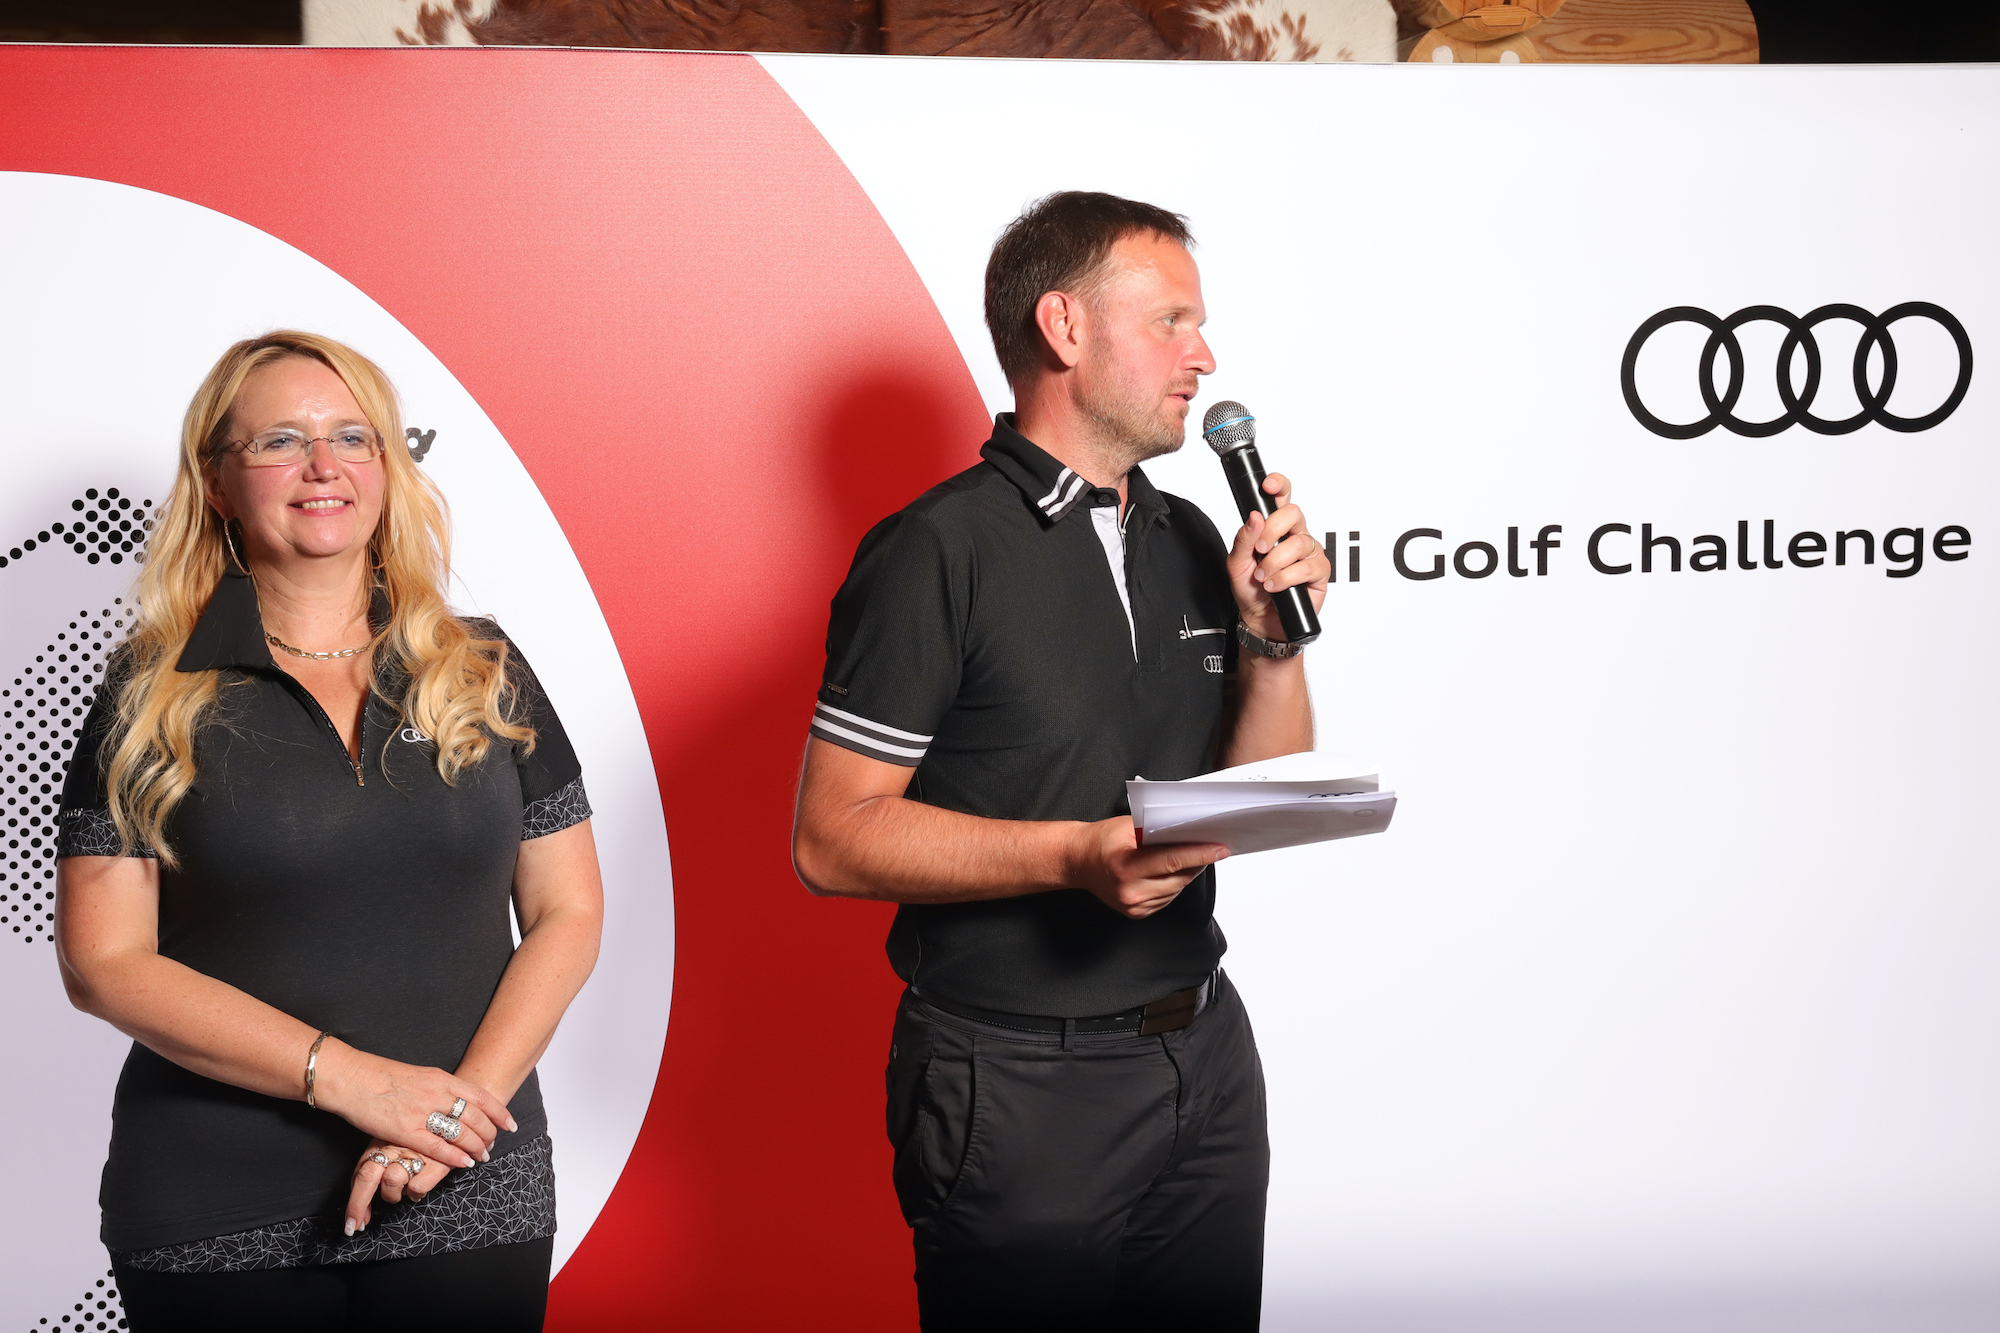 Podelitev nagrad po koncu Audi golf turnirja